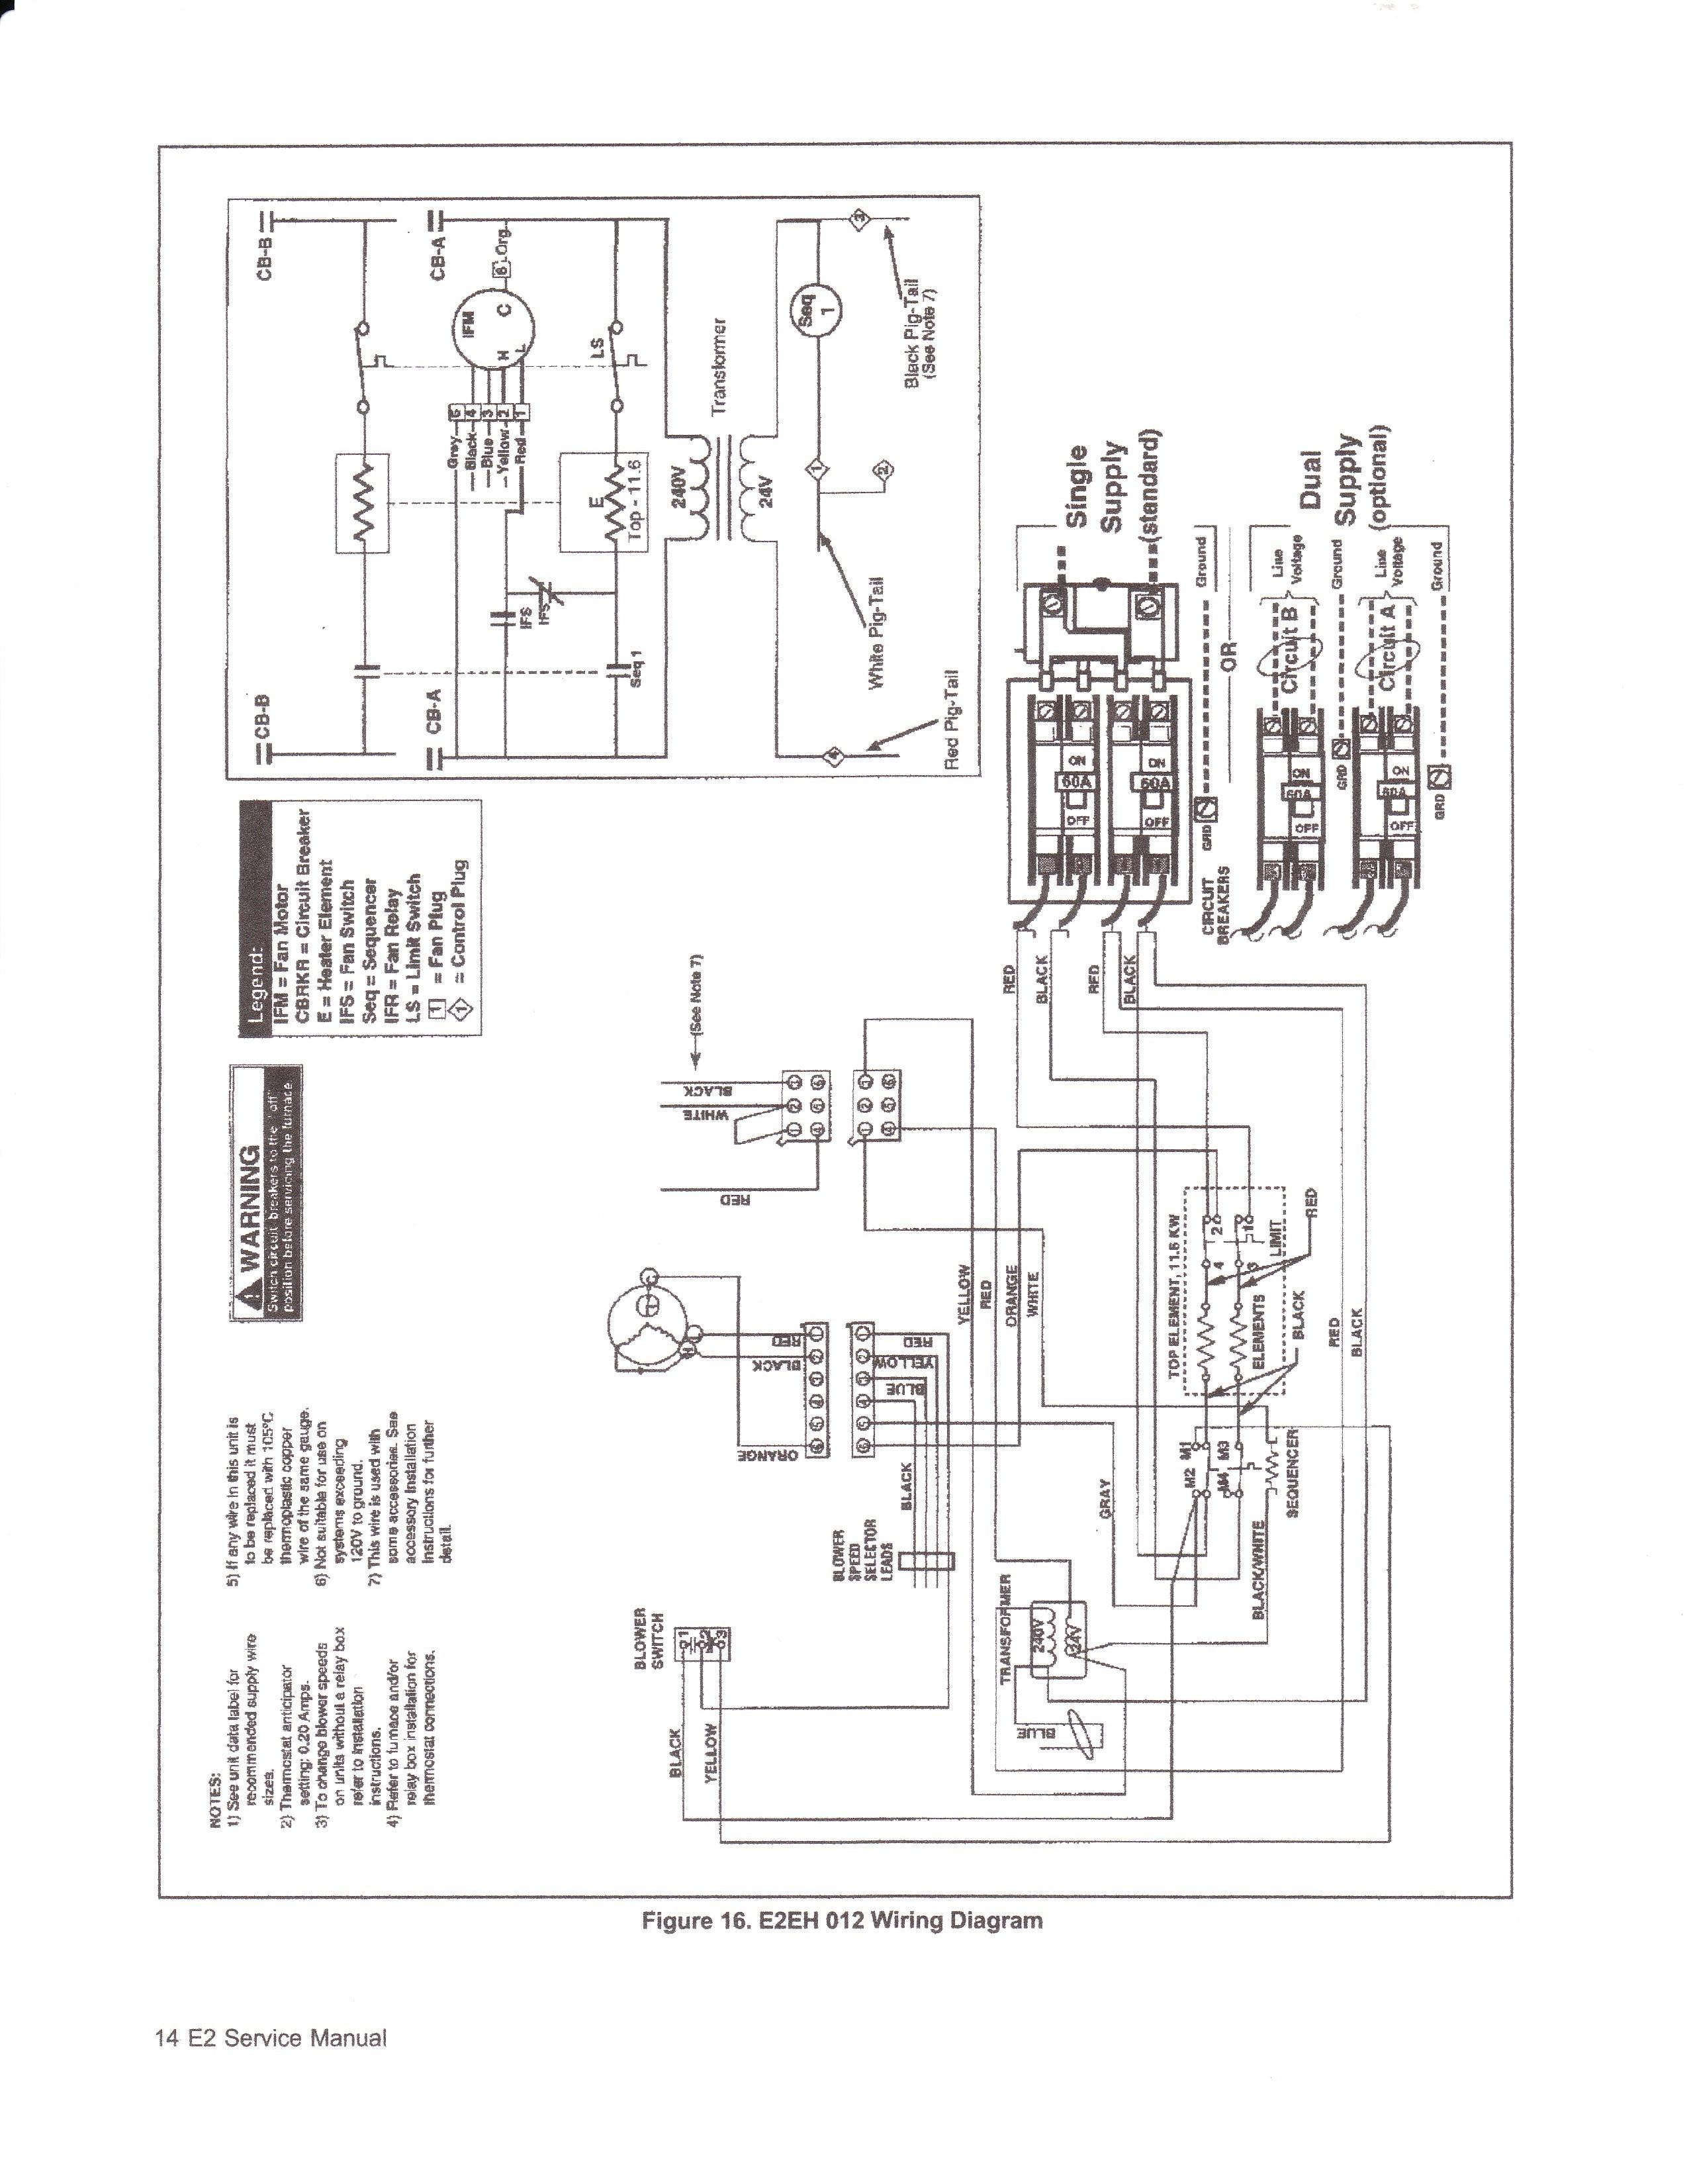 nordyne basic furnace wiring diagram